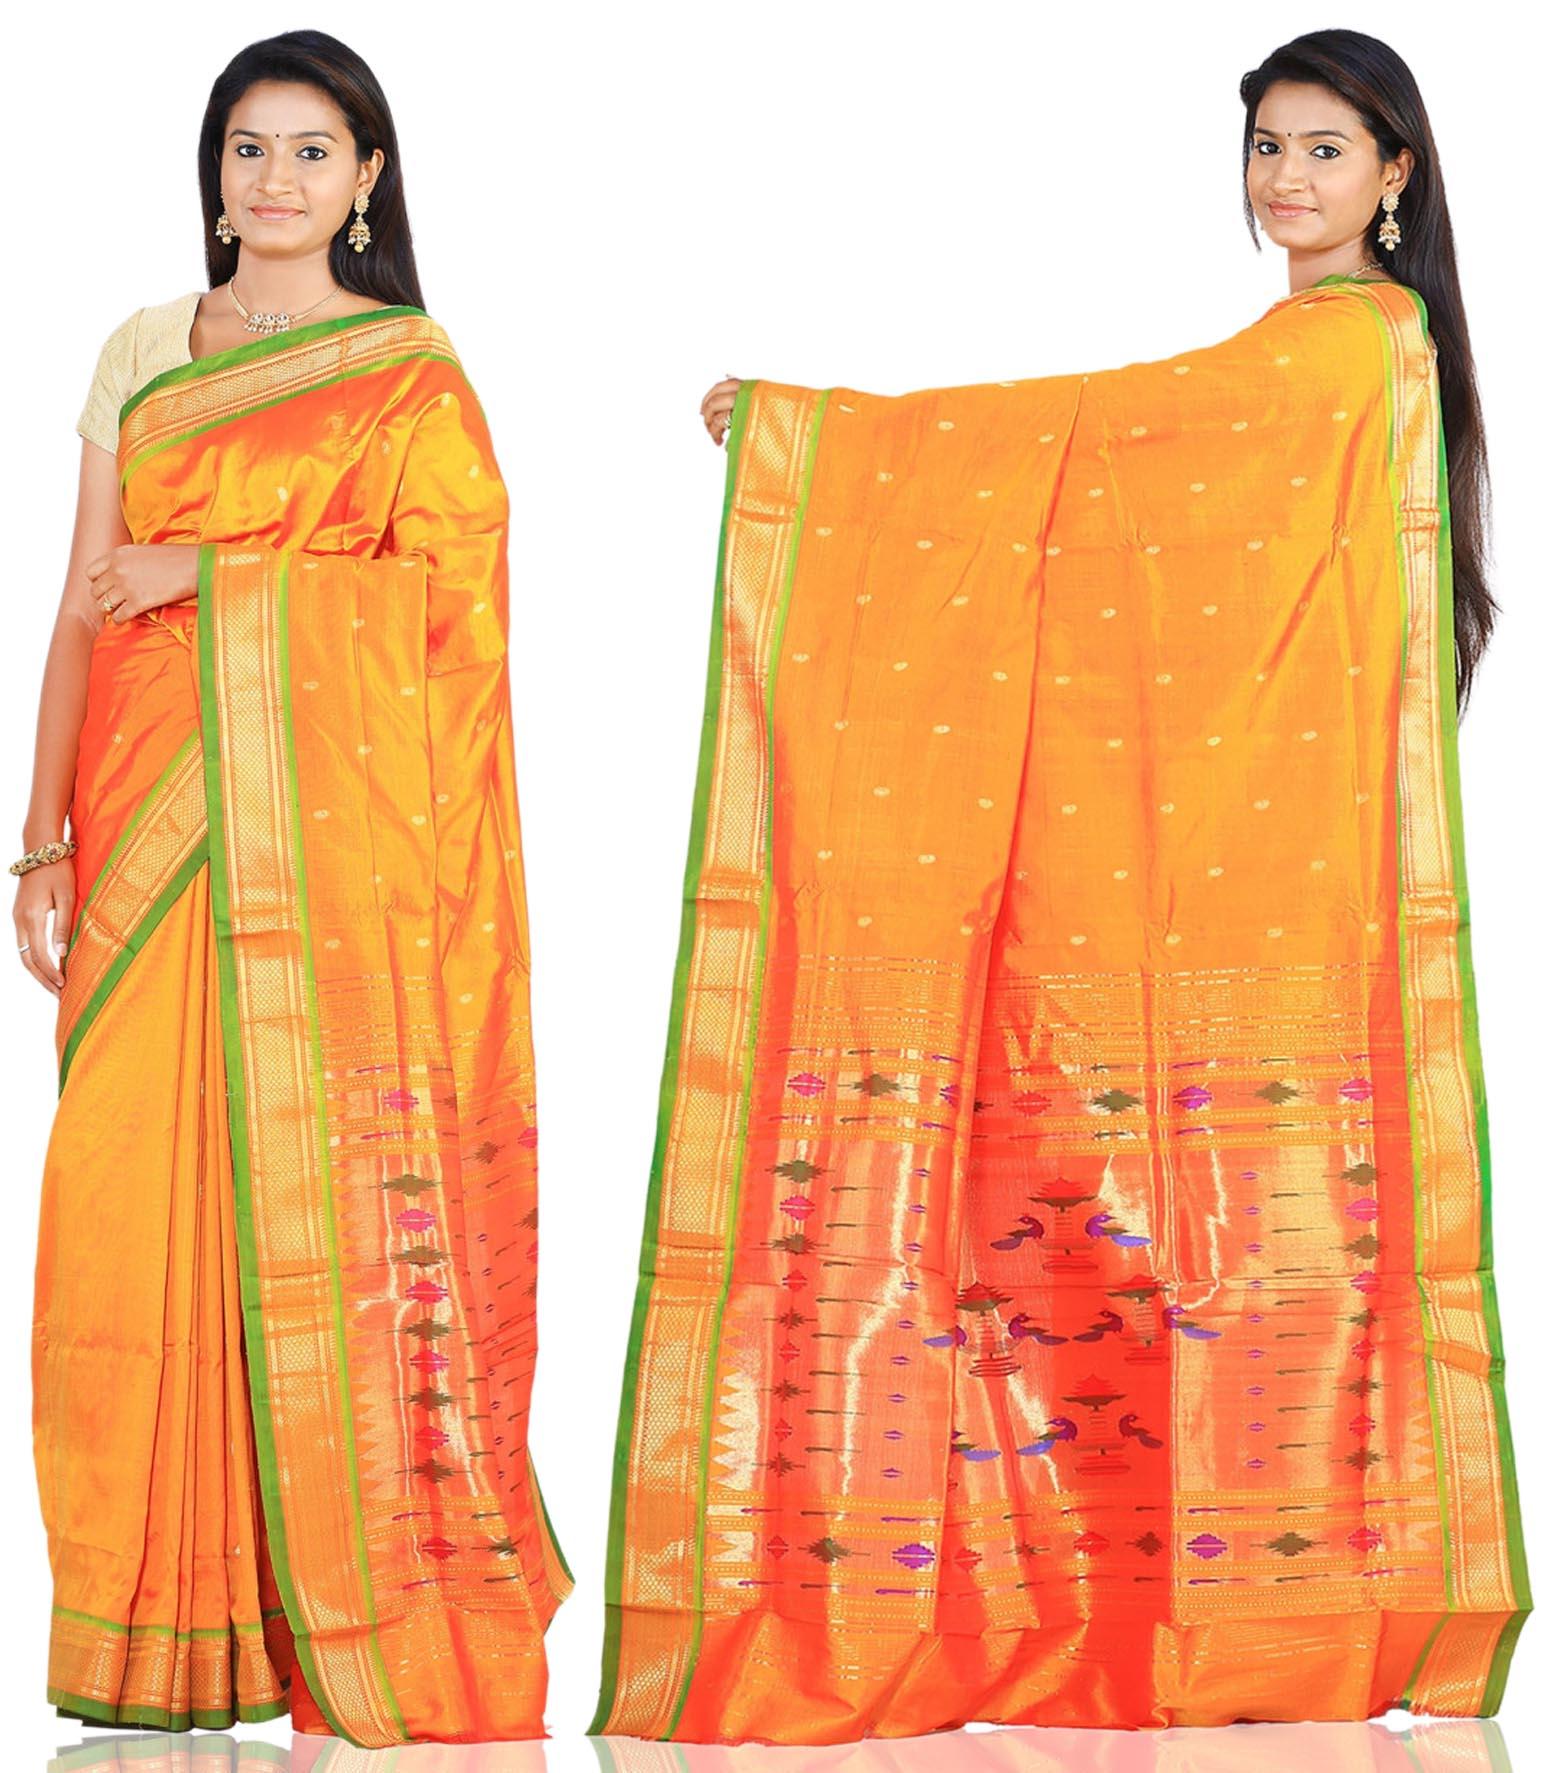 Price: - 8000 /-   Paithani Sarees, Paithani Sarees online shopping, Paithani Silk Saree With Matching Blouse Piece, Paithani Sarees Price. Sign up now for E-book you will be updated with latest collection of ethnic verities. For More Info Click on :- www.uppada.com  We manufacture of Uppada sarees, Paithani sarees, Banarasi sarees, Venkatagiri Sarees, Gadwal Sarees, Khadi sarees, Hand Painted Kalamkari Dupatta, Ikkat sarees, Kanchipuram Sarees, Atr Poly Silk Sarees, Dupattas, Stoles etc. For more info us at 040 64640303, 441905005.  Buy online: - uppada.com  - by Paithani, Hyderabad